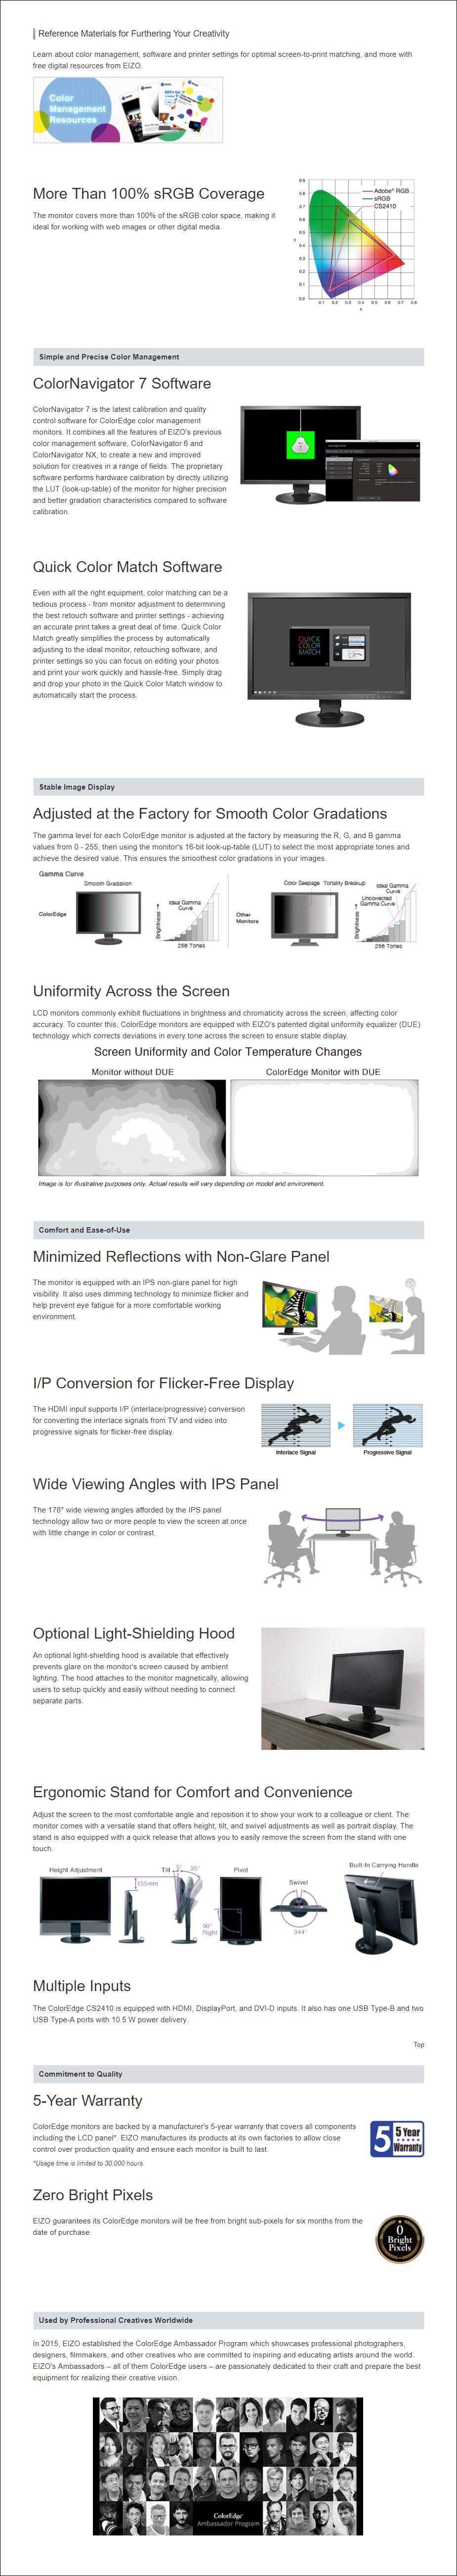 """EIZO ColorEdge CS2410 24.1"""" WUXGA 100% sRGB Calibrated IPS Designer Monitor - Overview 1"""